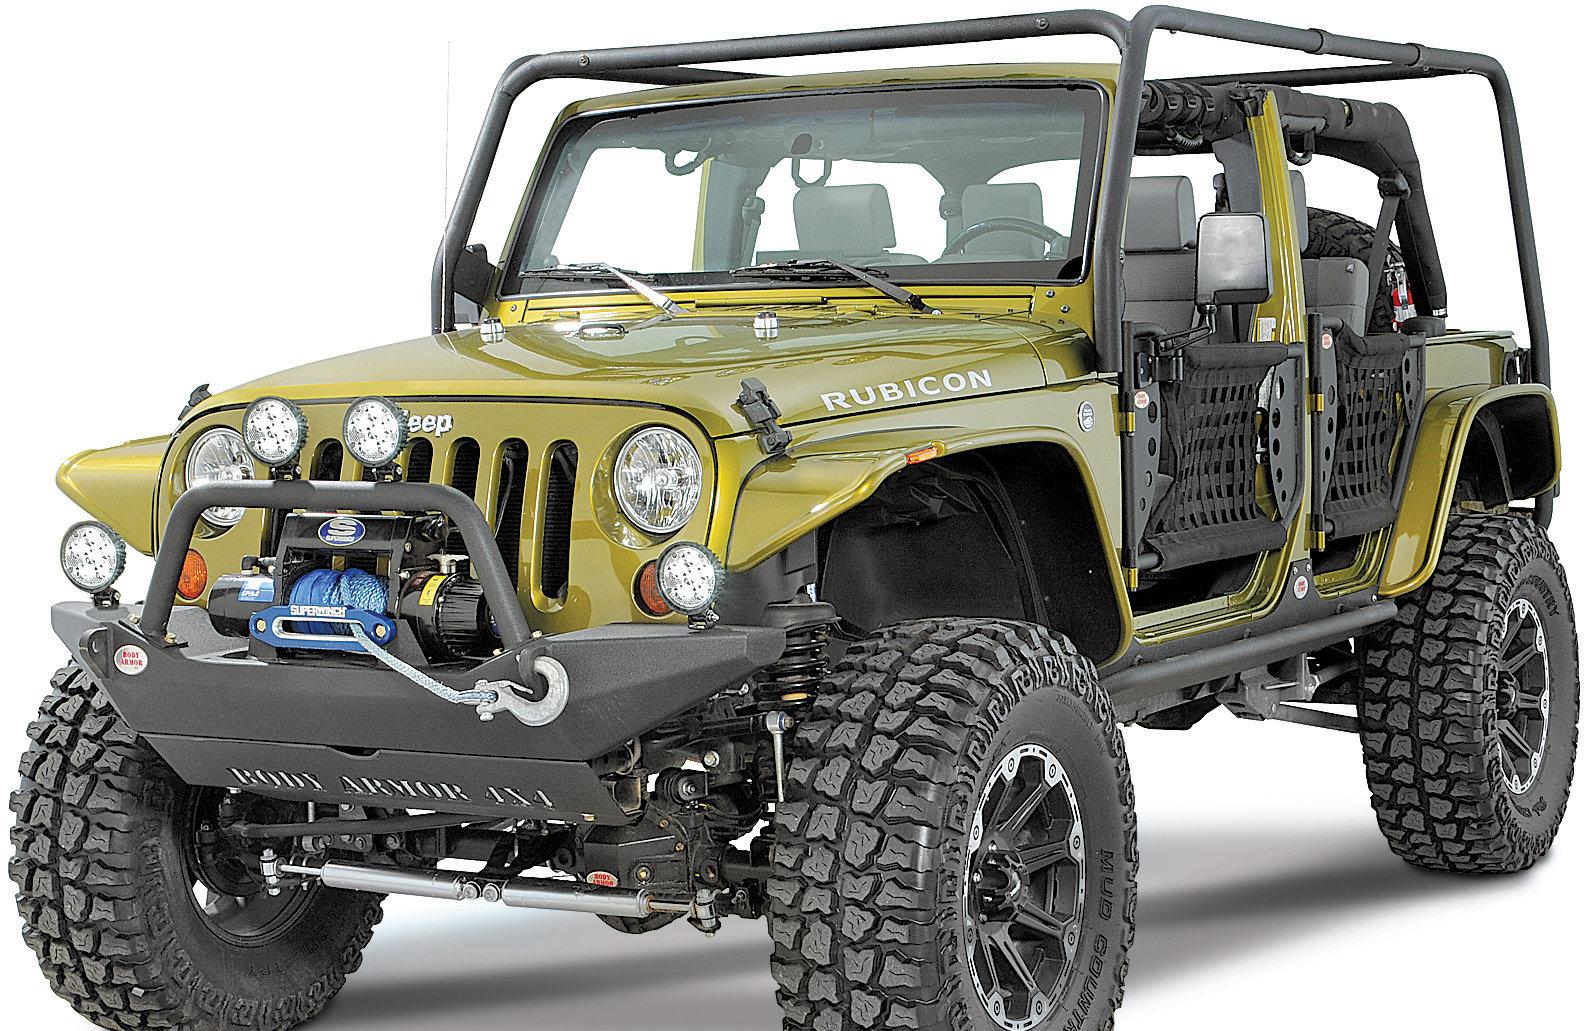 body armor jk 6125 4x4 roof rack base kit for 07 18 jeep wrangler jk 2 door